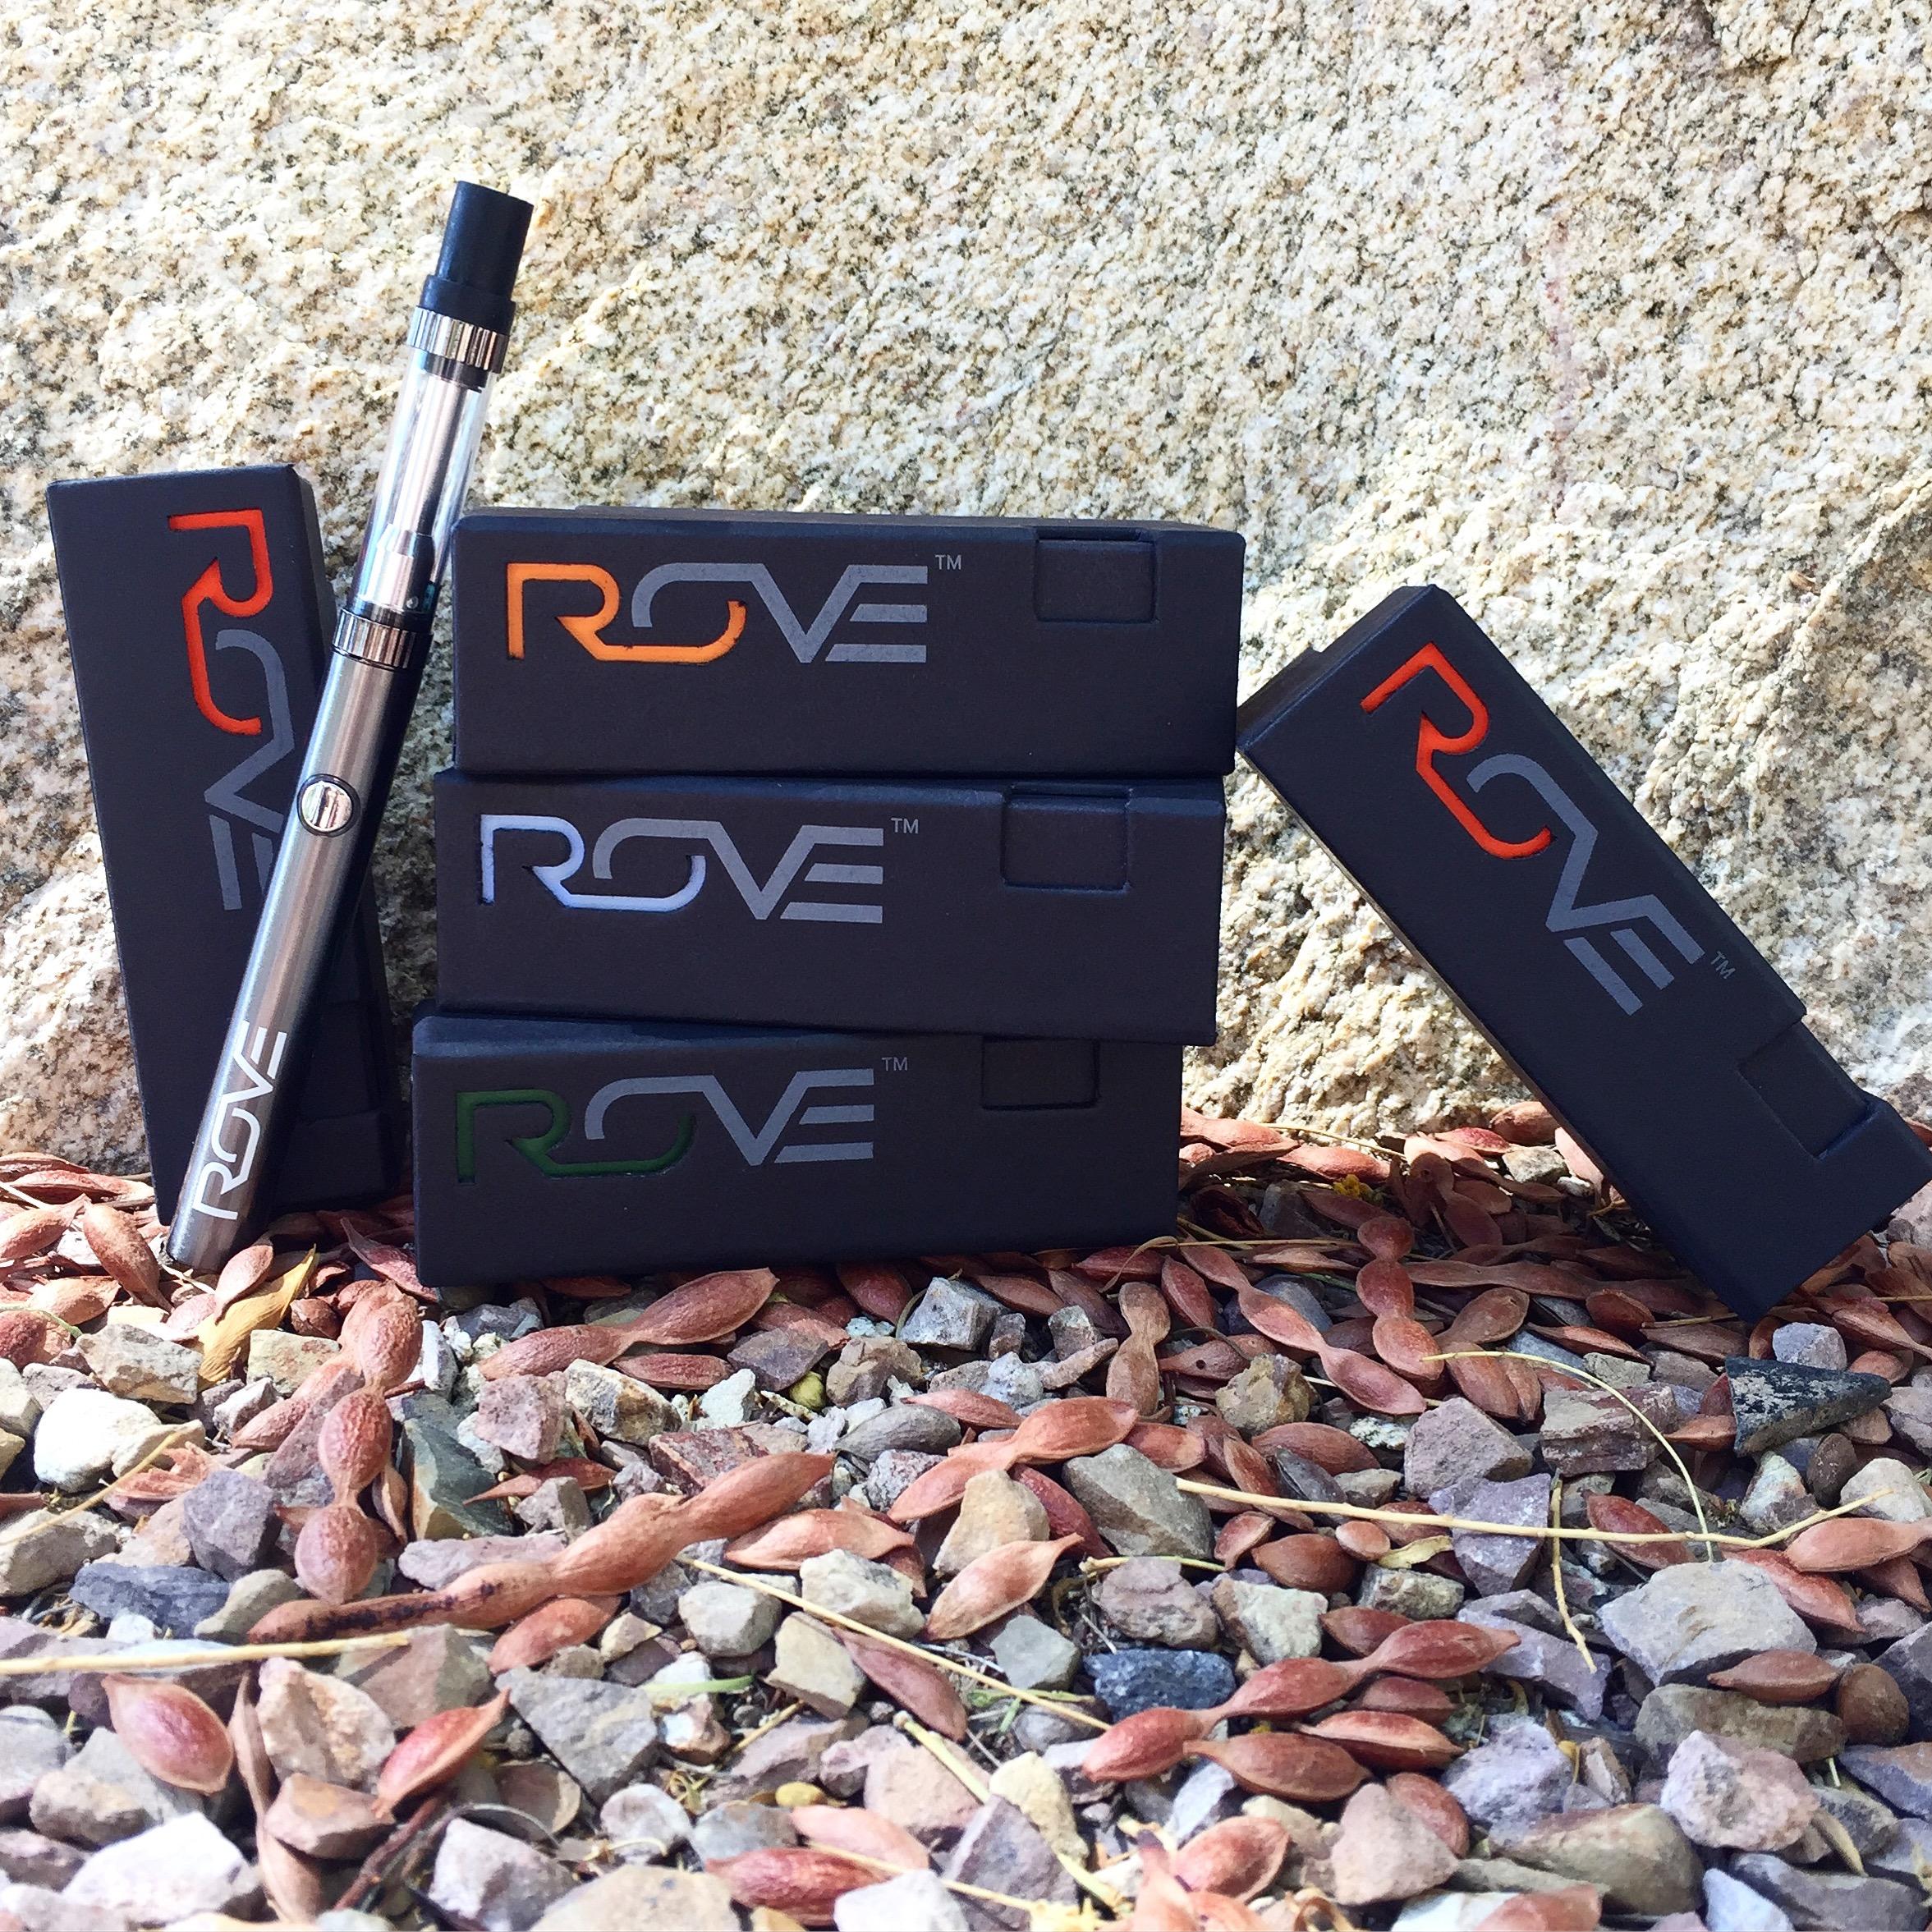 Rove Brand Nevada -  @rovebrandnv  The+Source -  @thesourcenevada